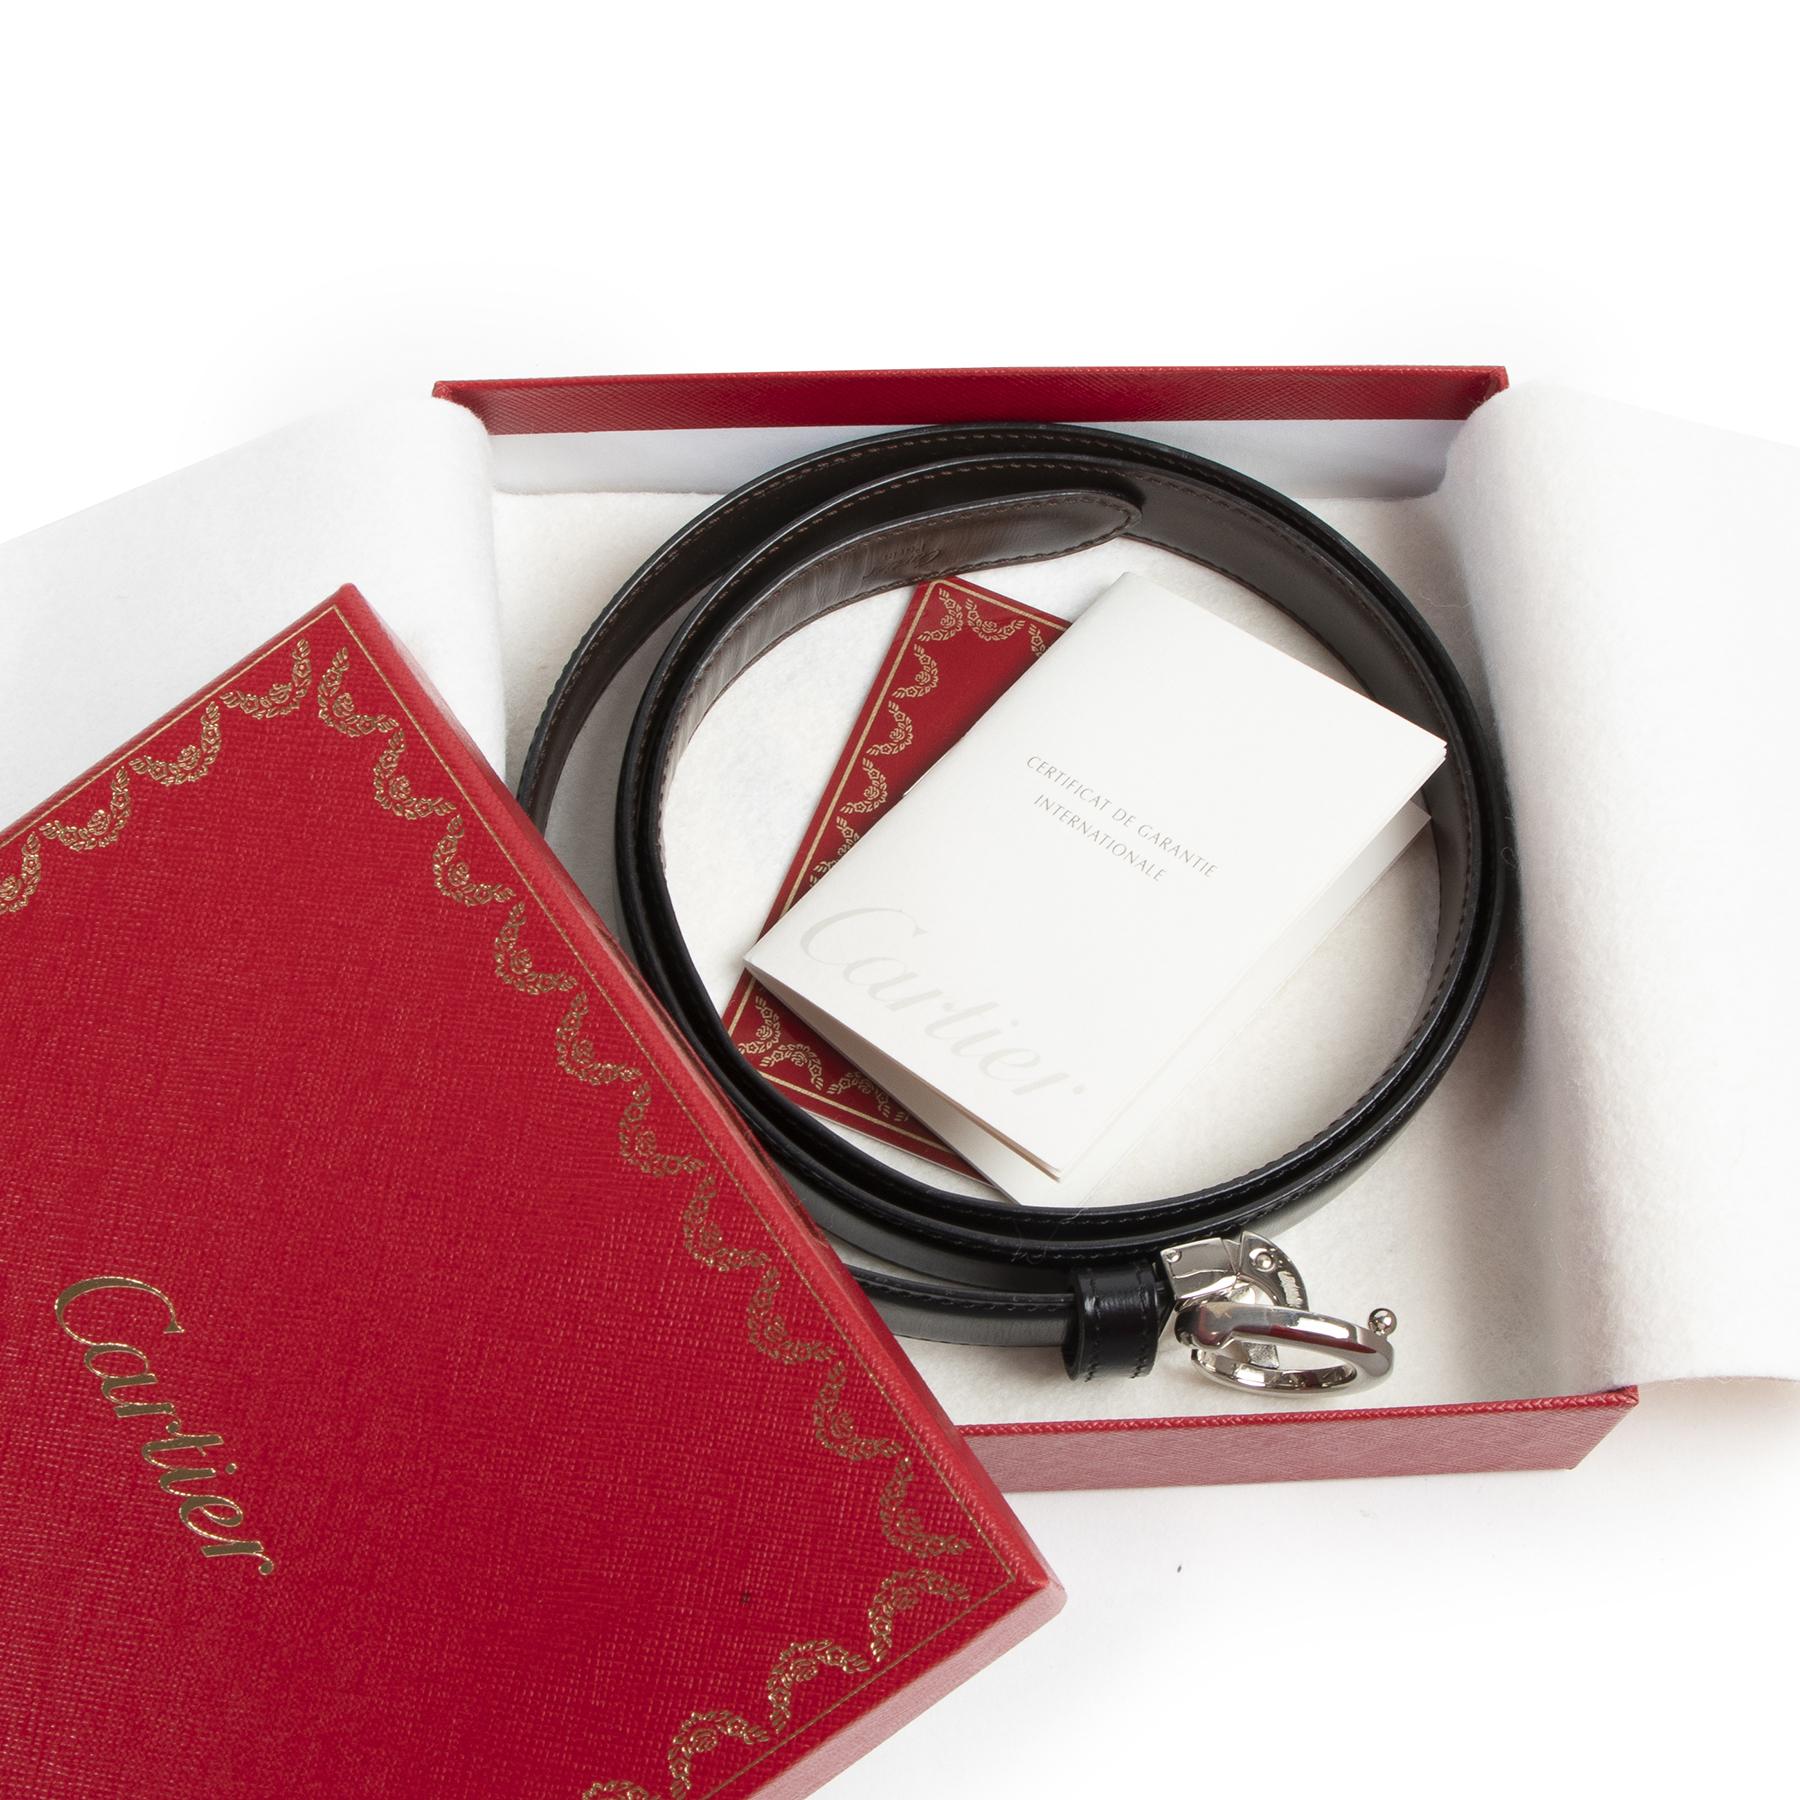 Authentic secondhand Cartier belt designer bags luxury vintage webshop fashion safe secure online shopping designer brands